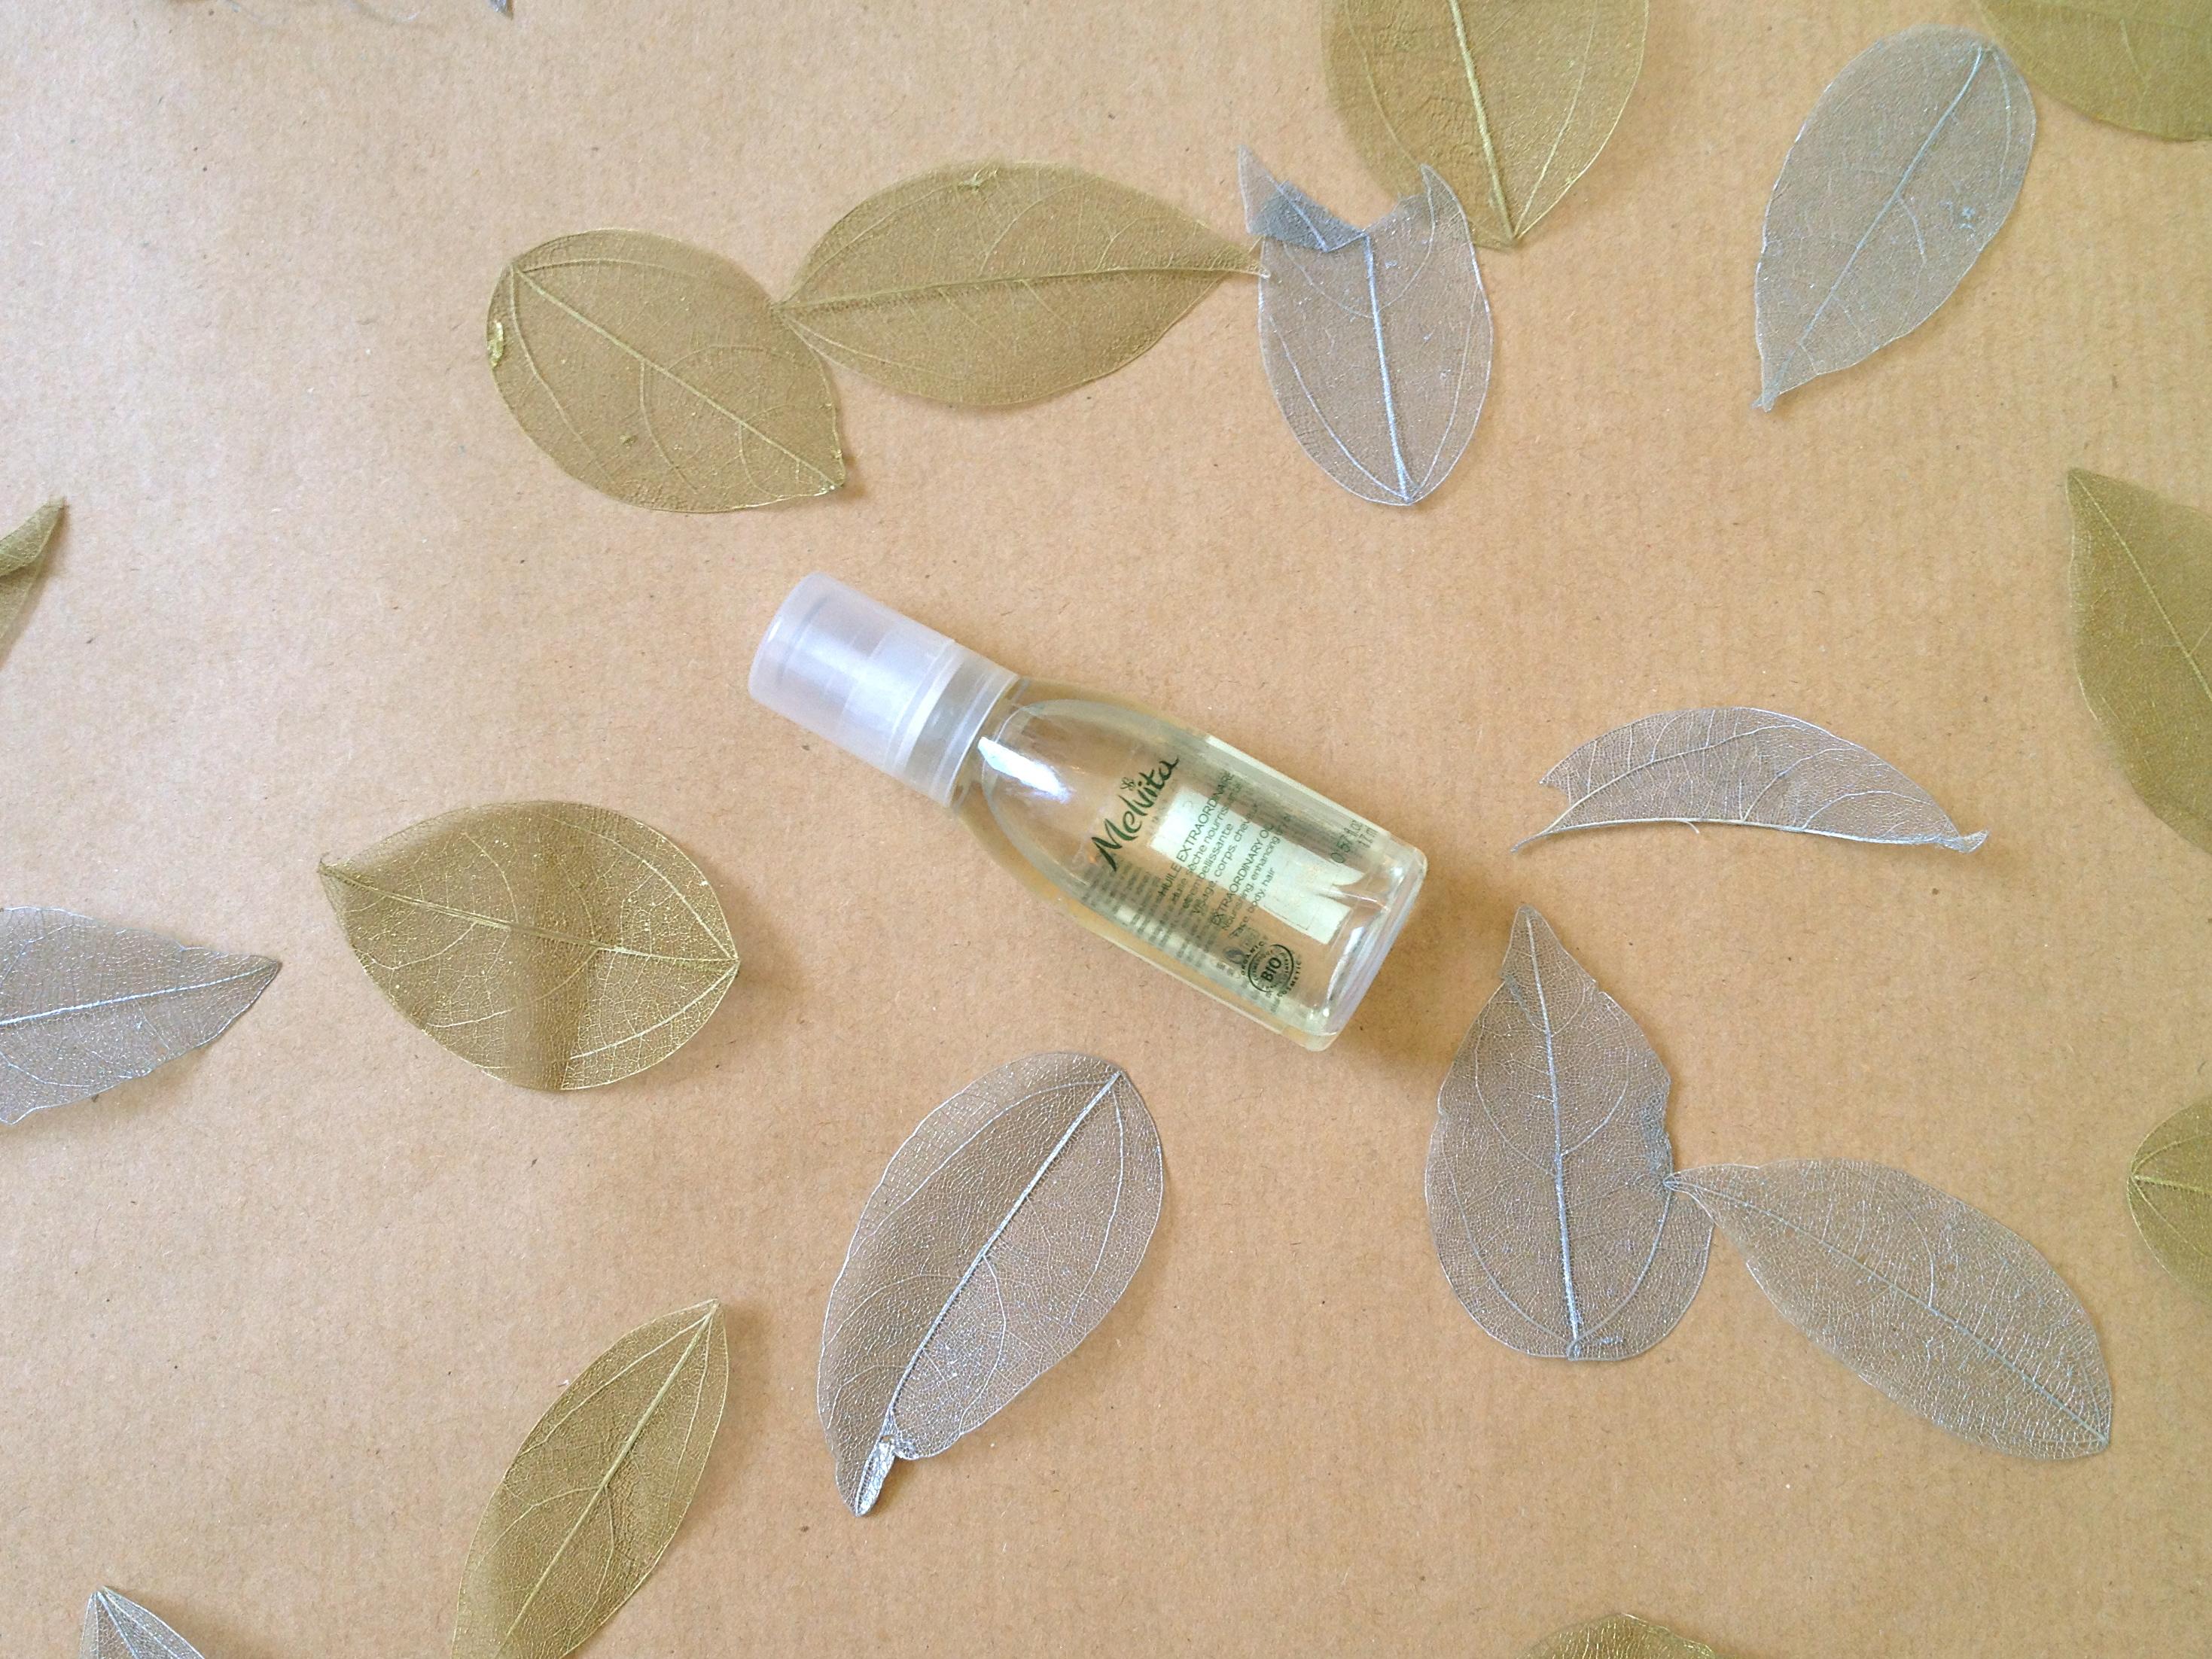 Melvita-organic-september-biteable-beauty